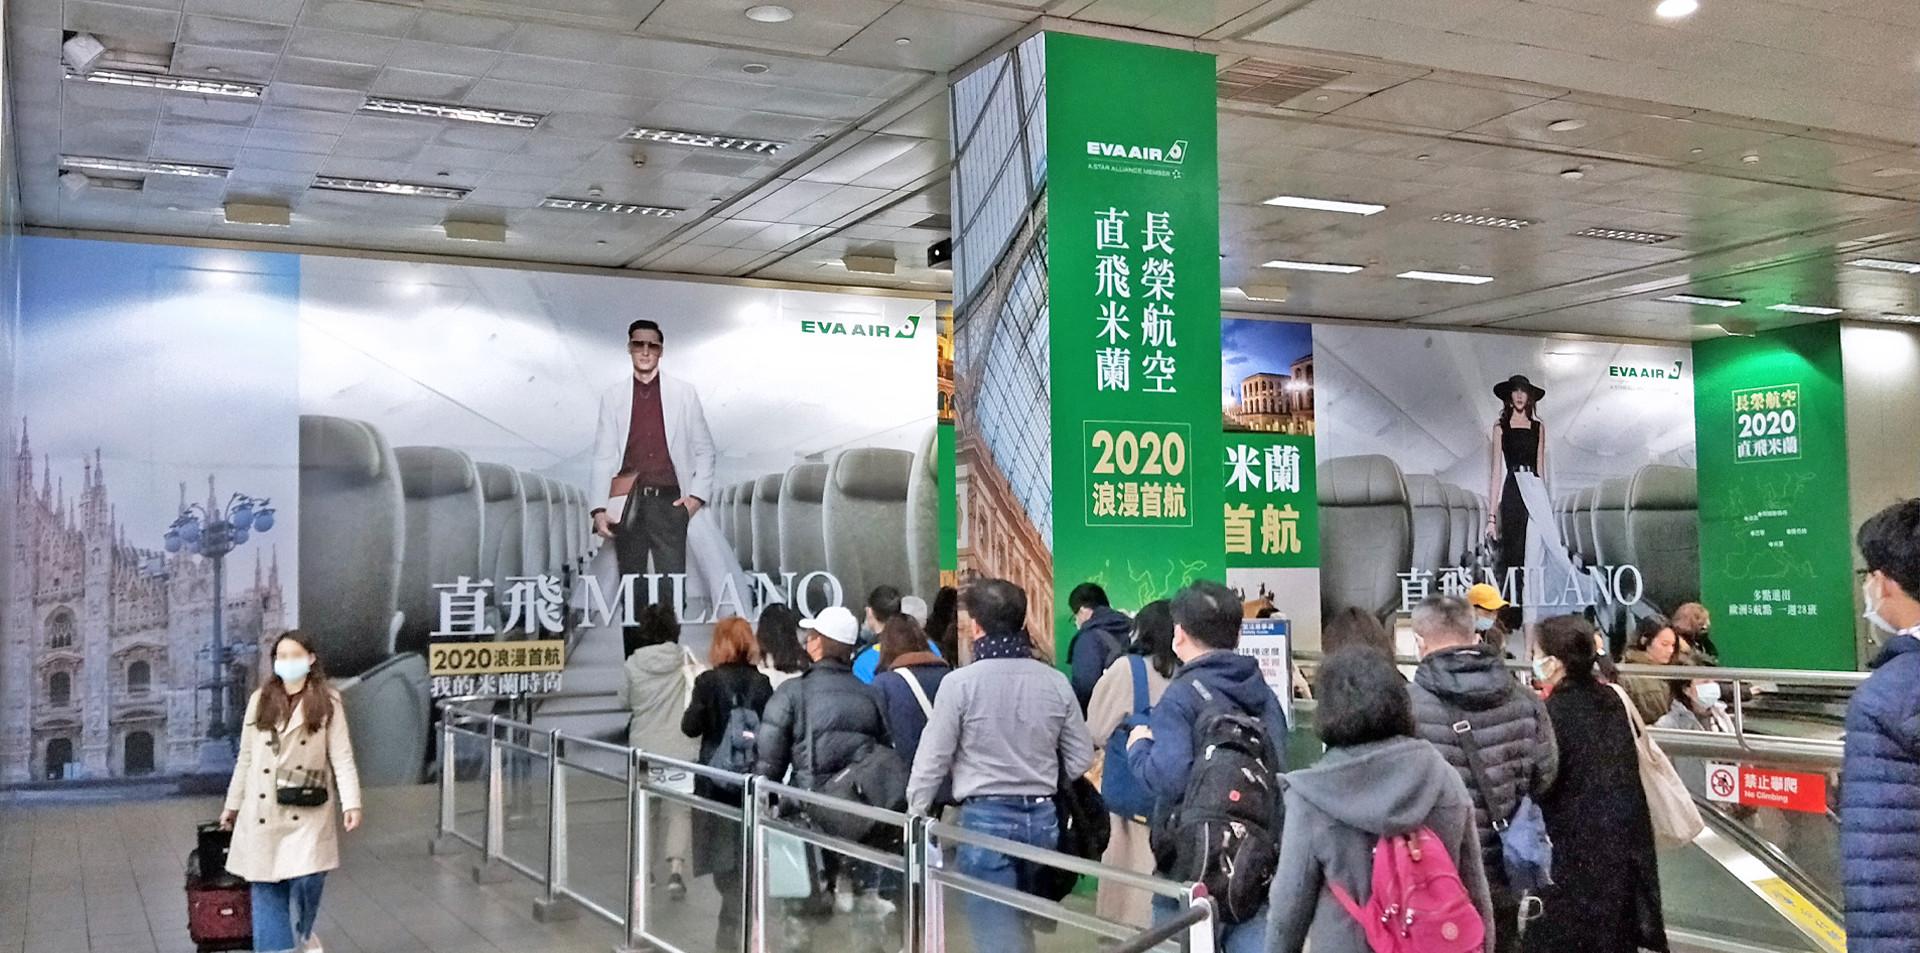 台北捷運廣告刊登 忠孝復興站 長榮航空